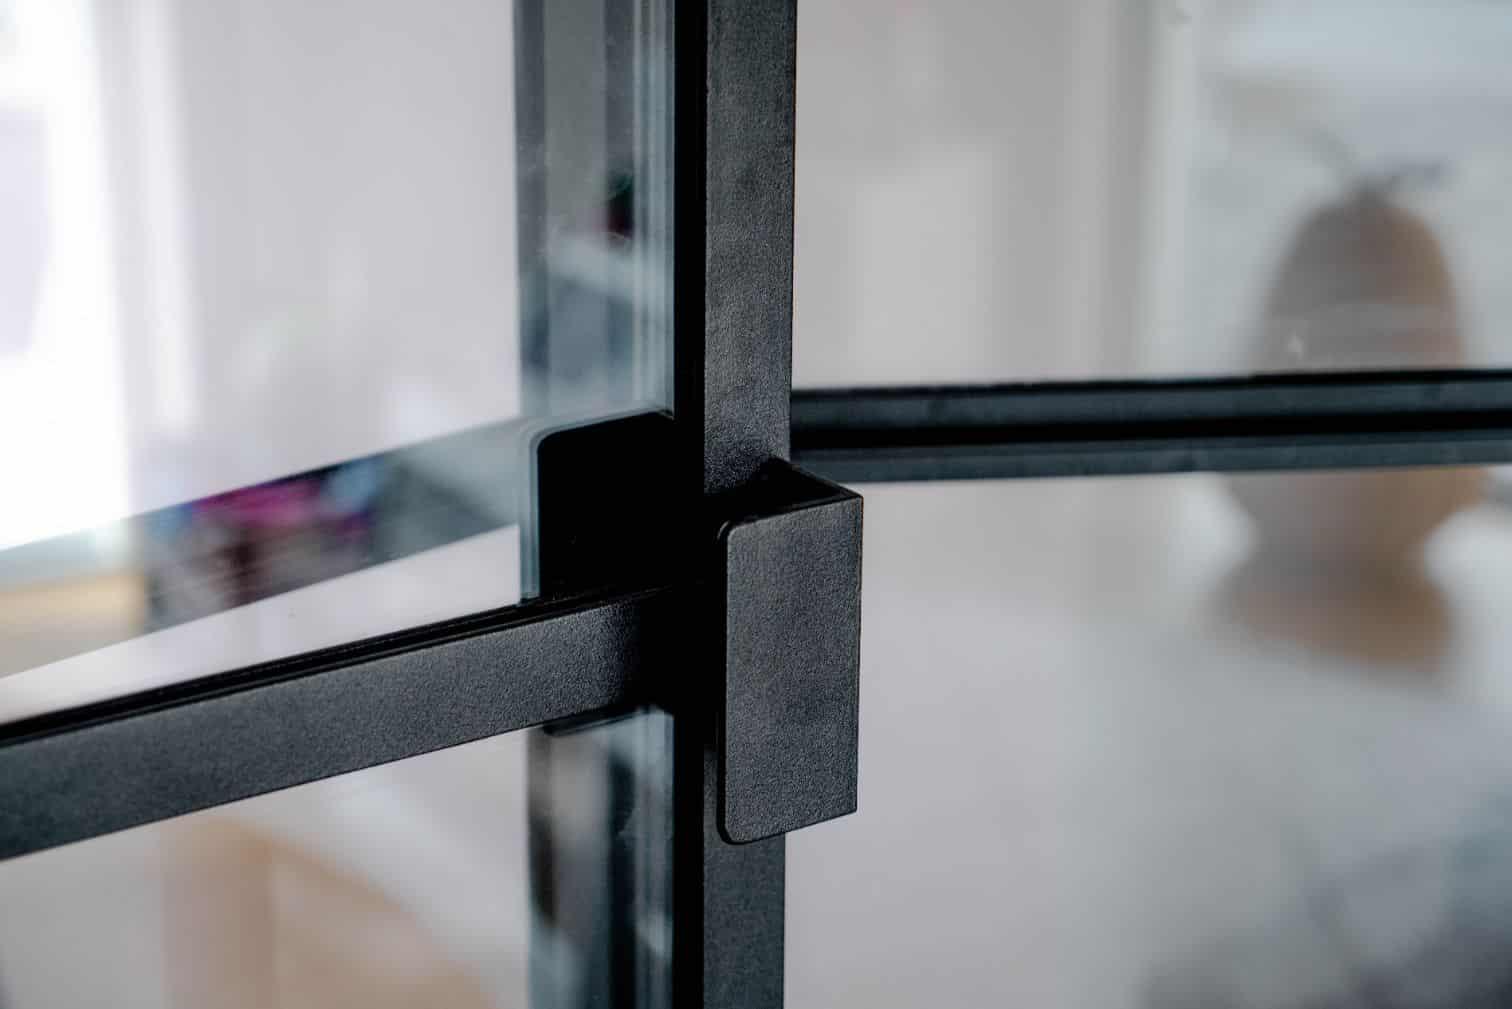 glasvæg-newyorkervæg-new yorker væg-new yorker glasdør-new yorker